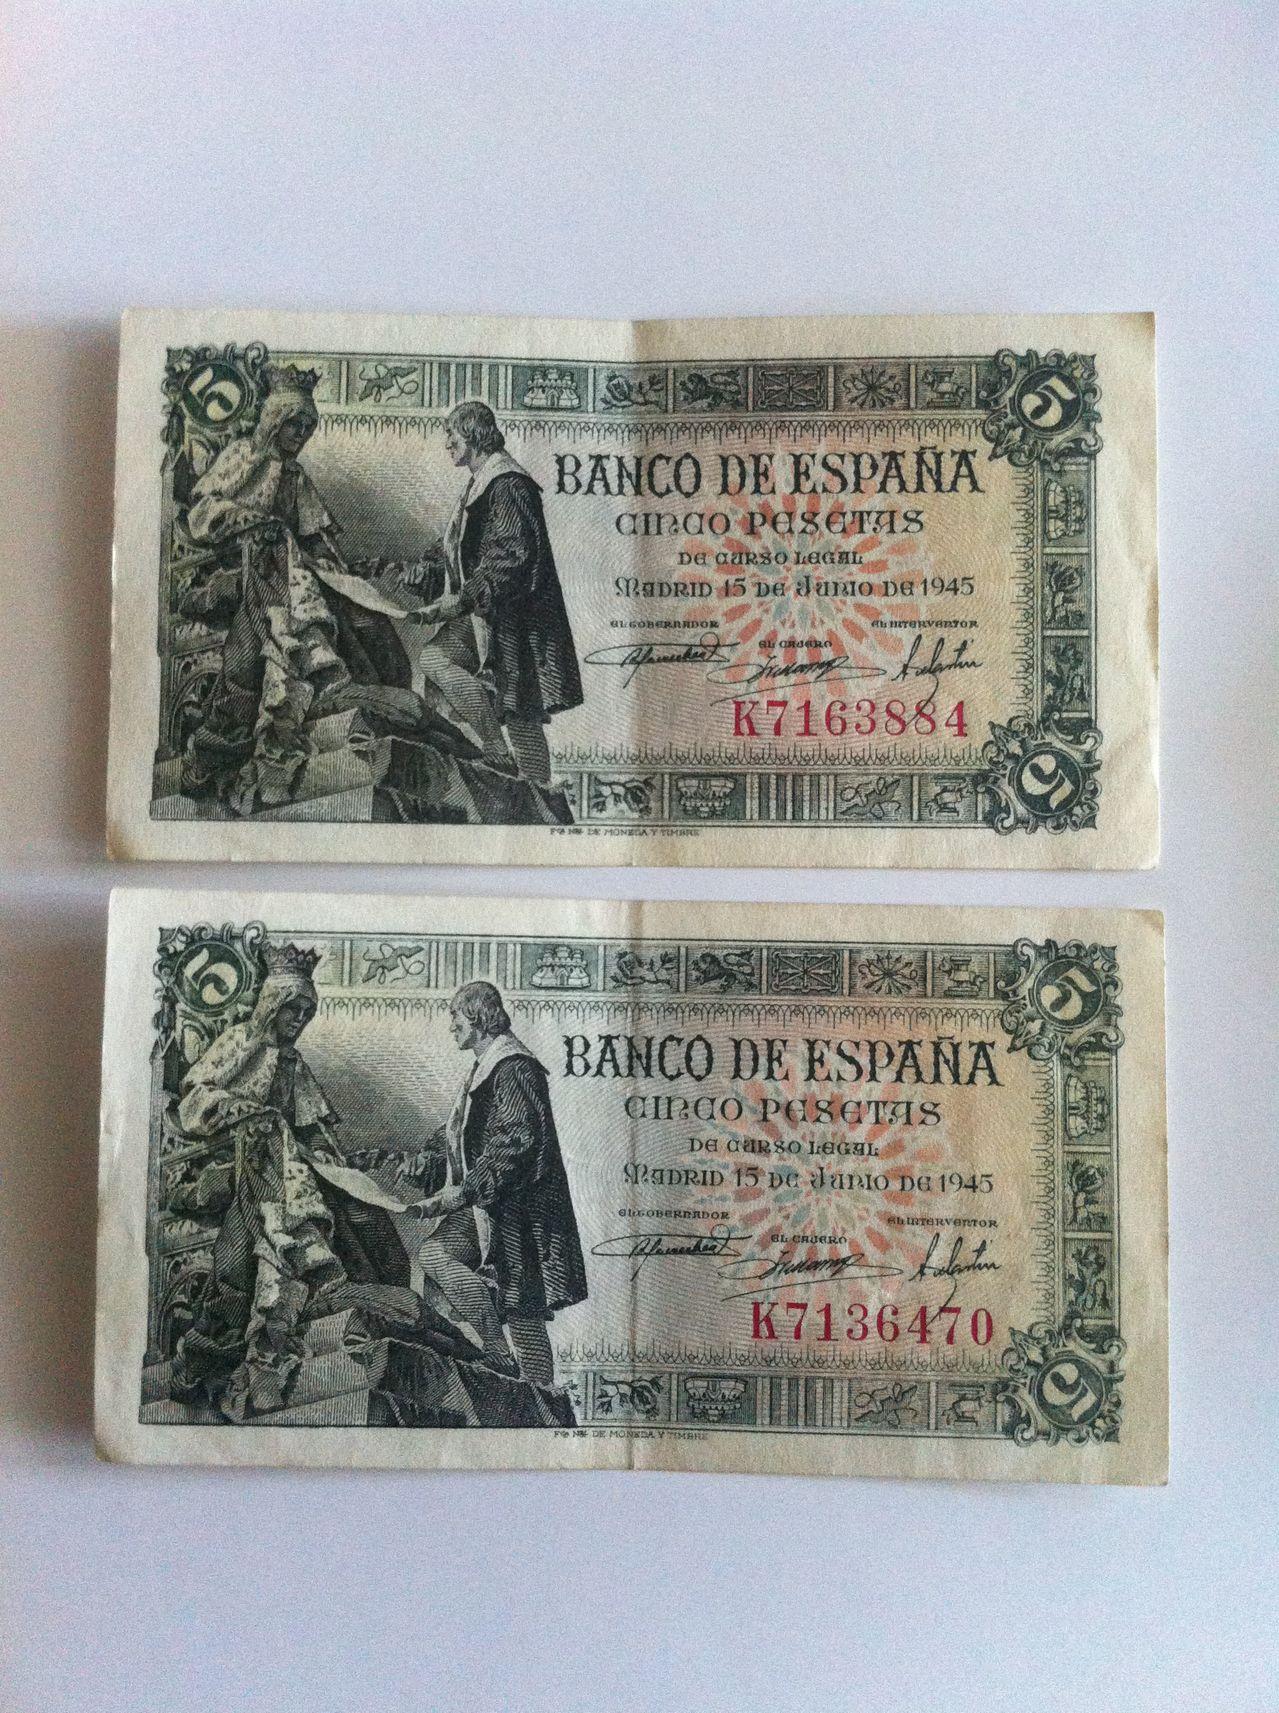 Ayuda para valorar coleccion de billetes IMG_4991